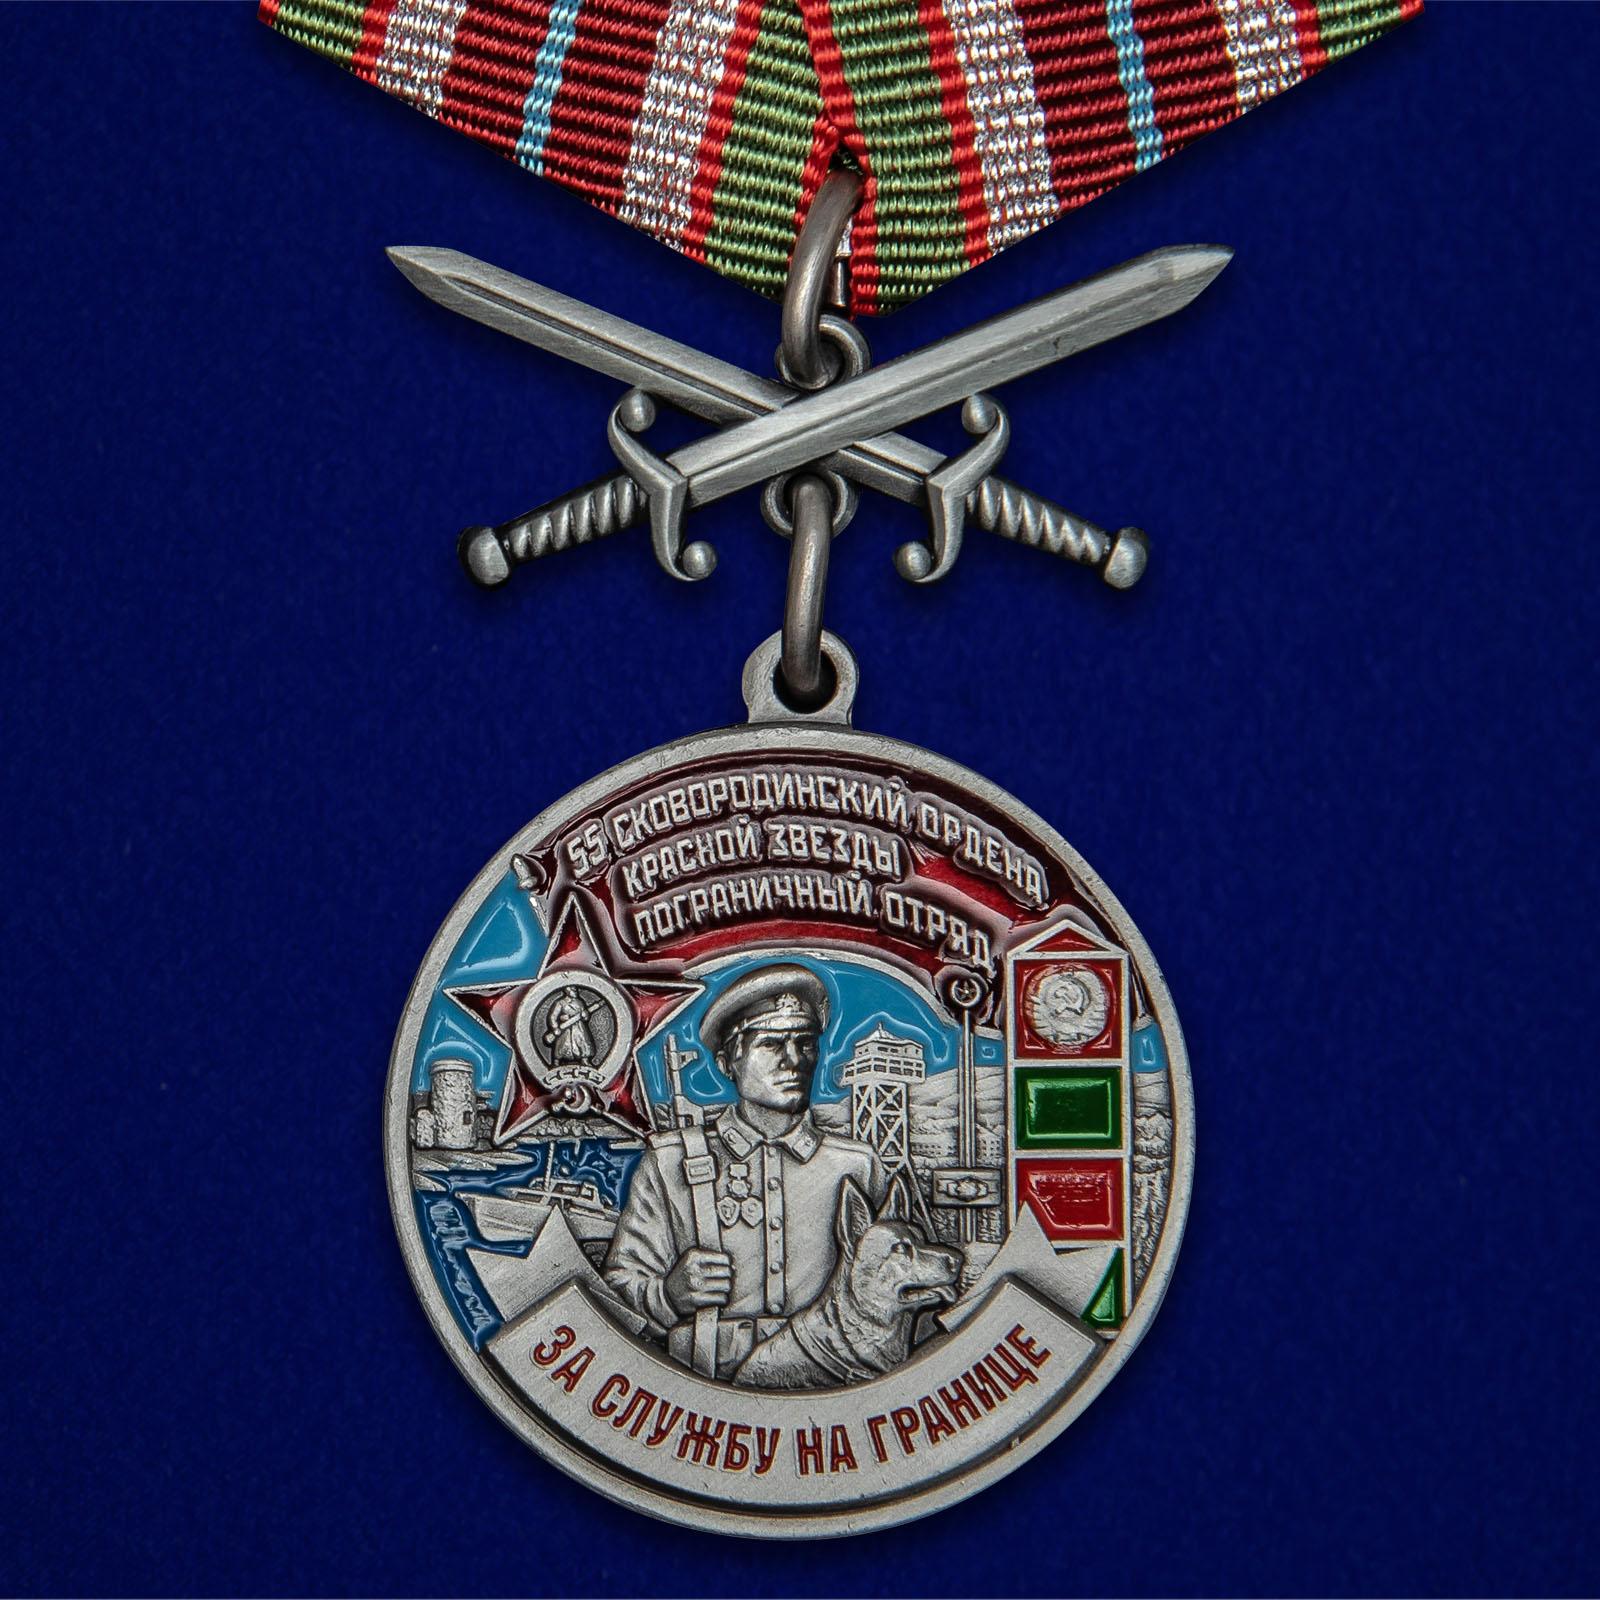 Купить медаль За службу в Сковородинском пограничном отряде на подставке в подарок